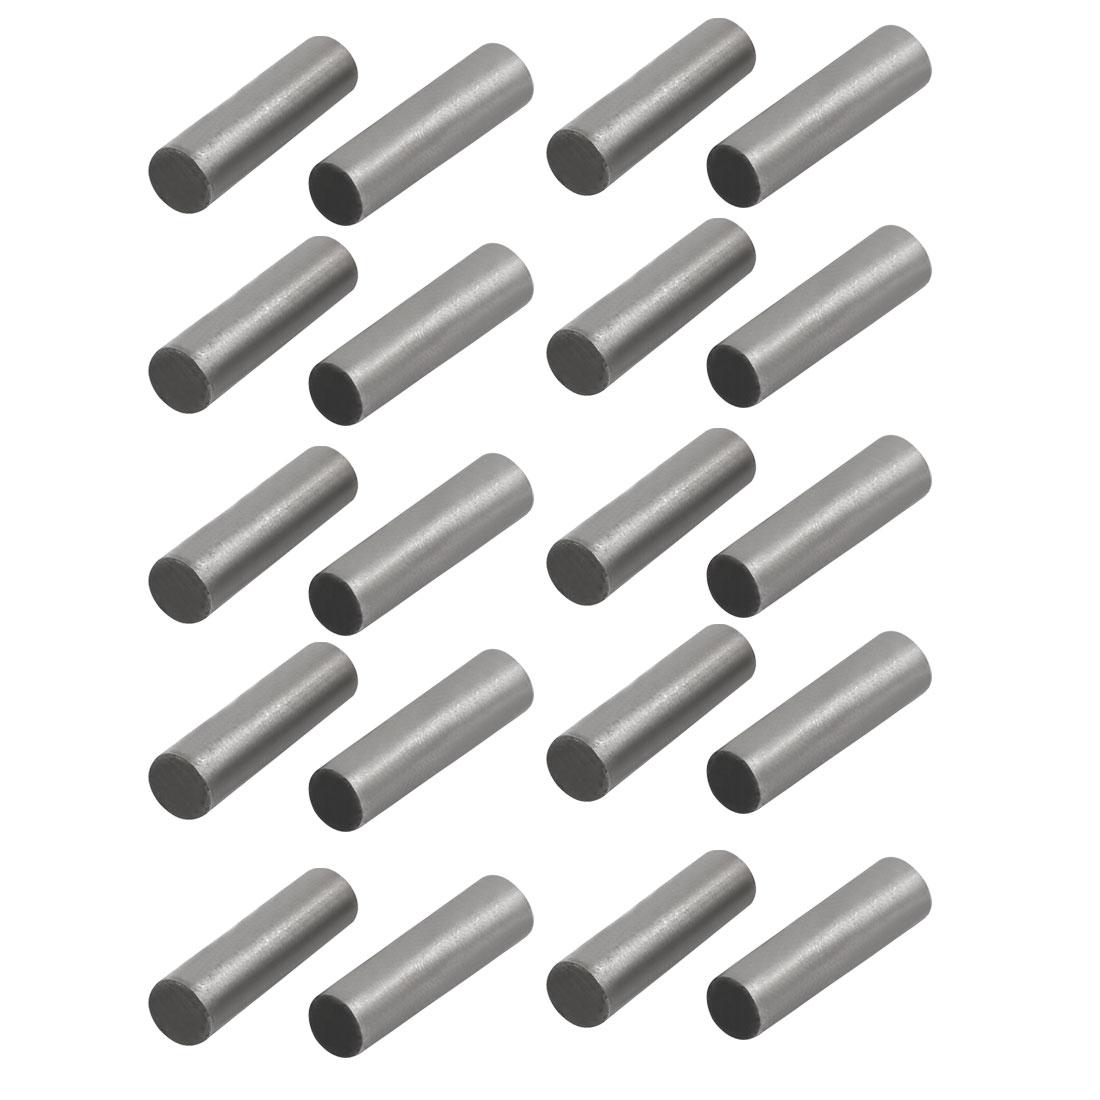 Unique Bargains Carbon Steel GB117 12mm Length 3mm Small End Diameter Taper Pin 20pcs - image 2 de 2